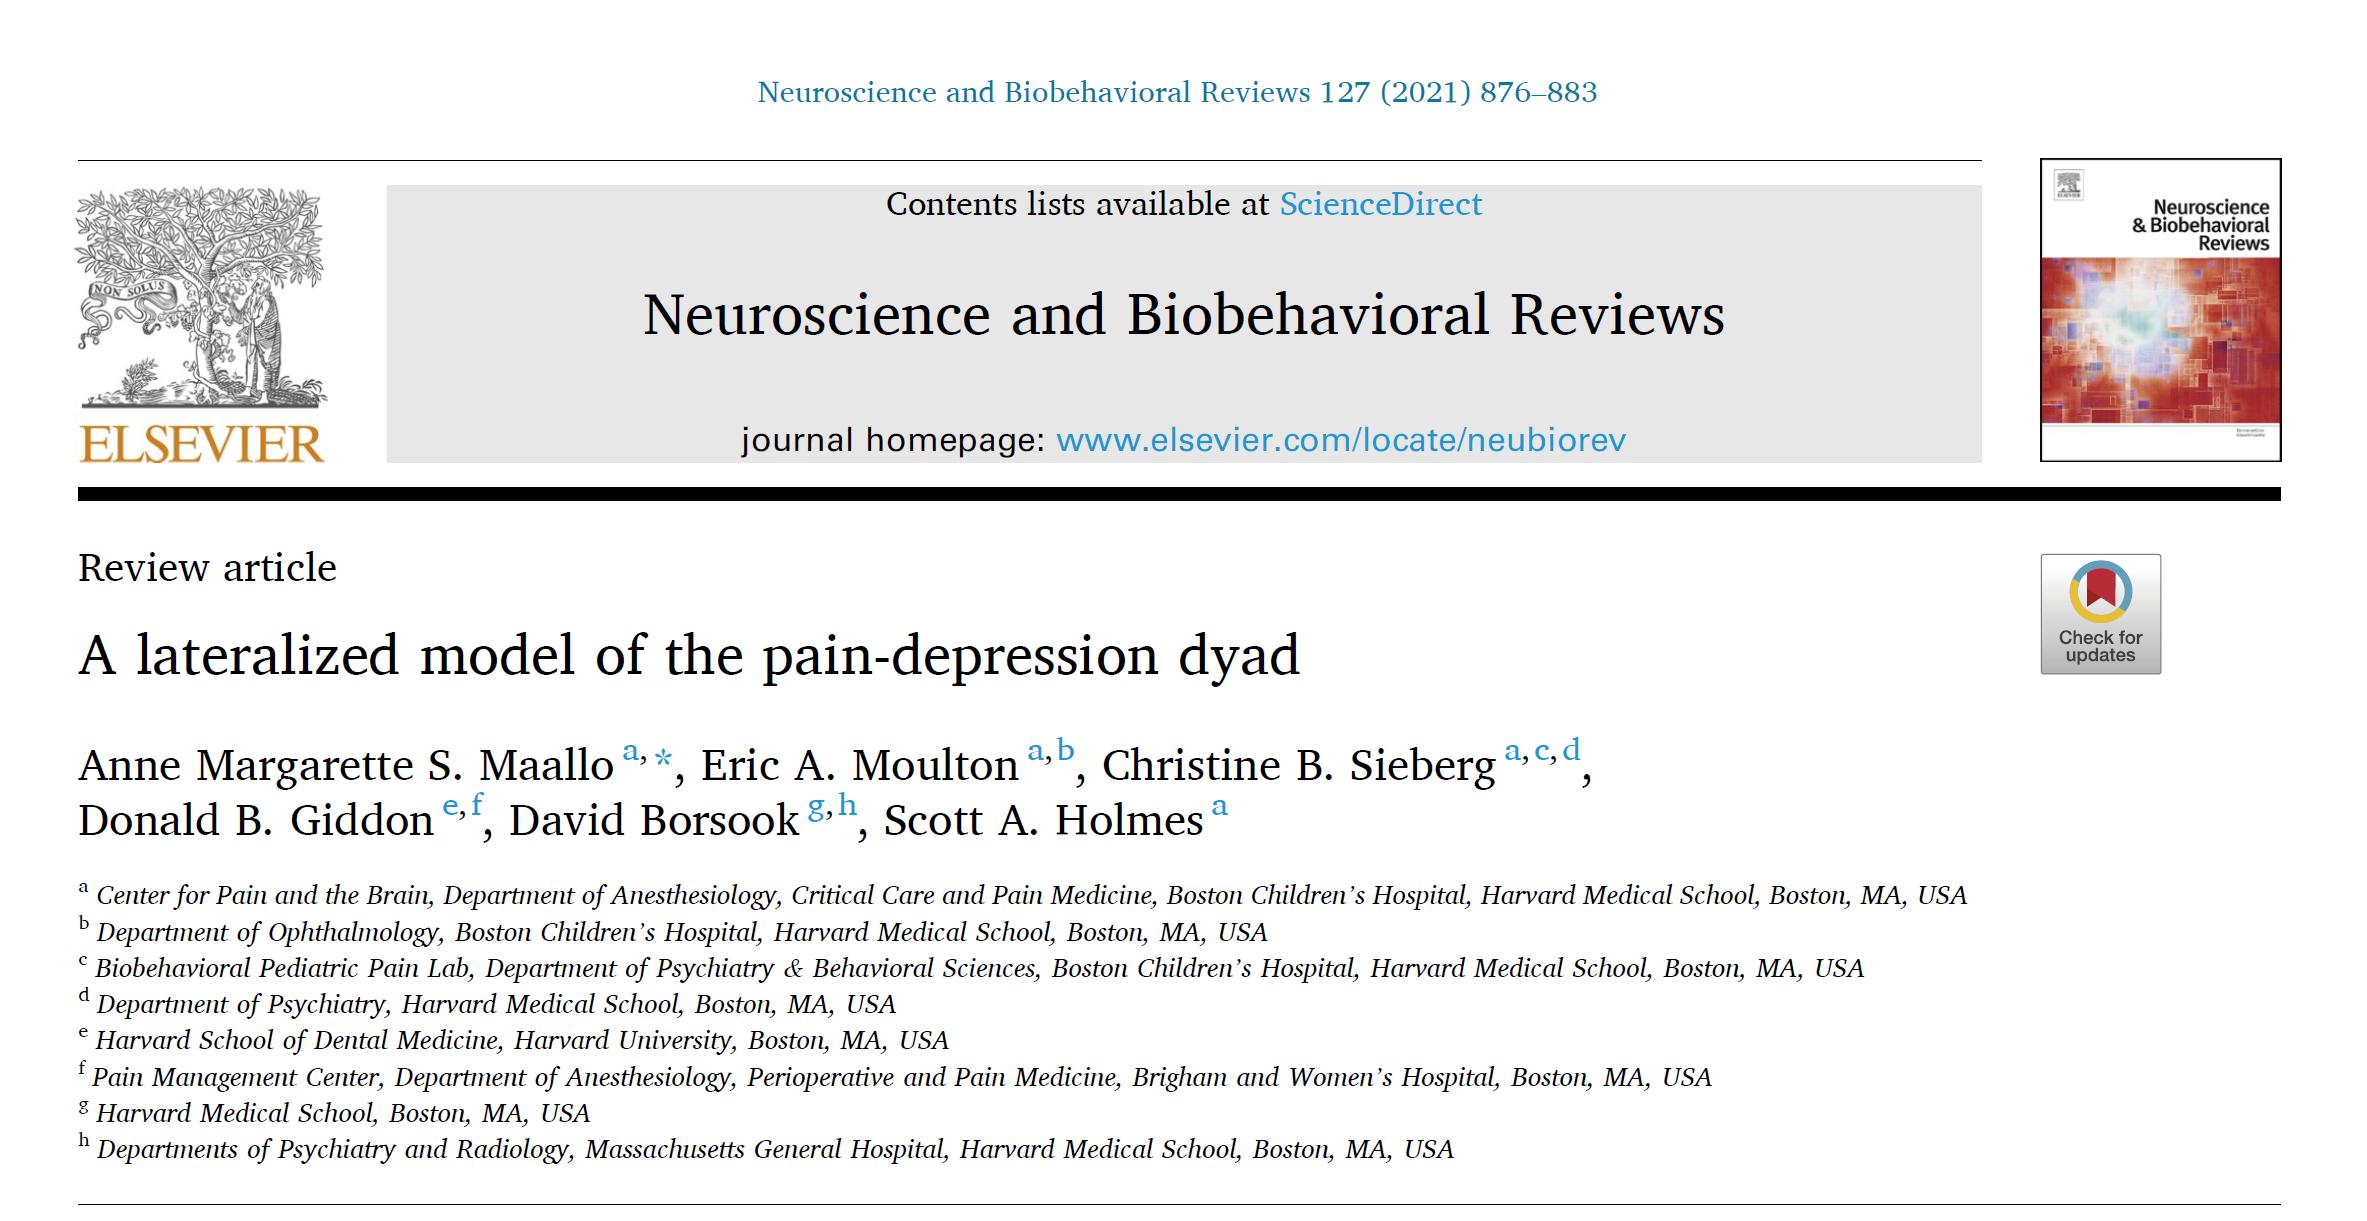 抑うつ状態の脳は、左半身に心因性疼痛を発現しうる?_b0112009_10211178.png